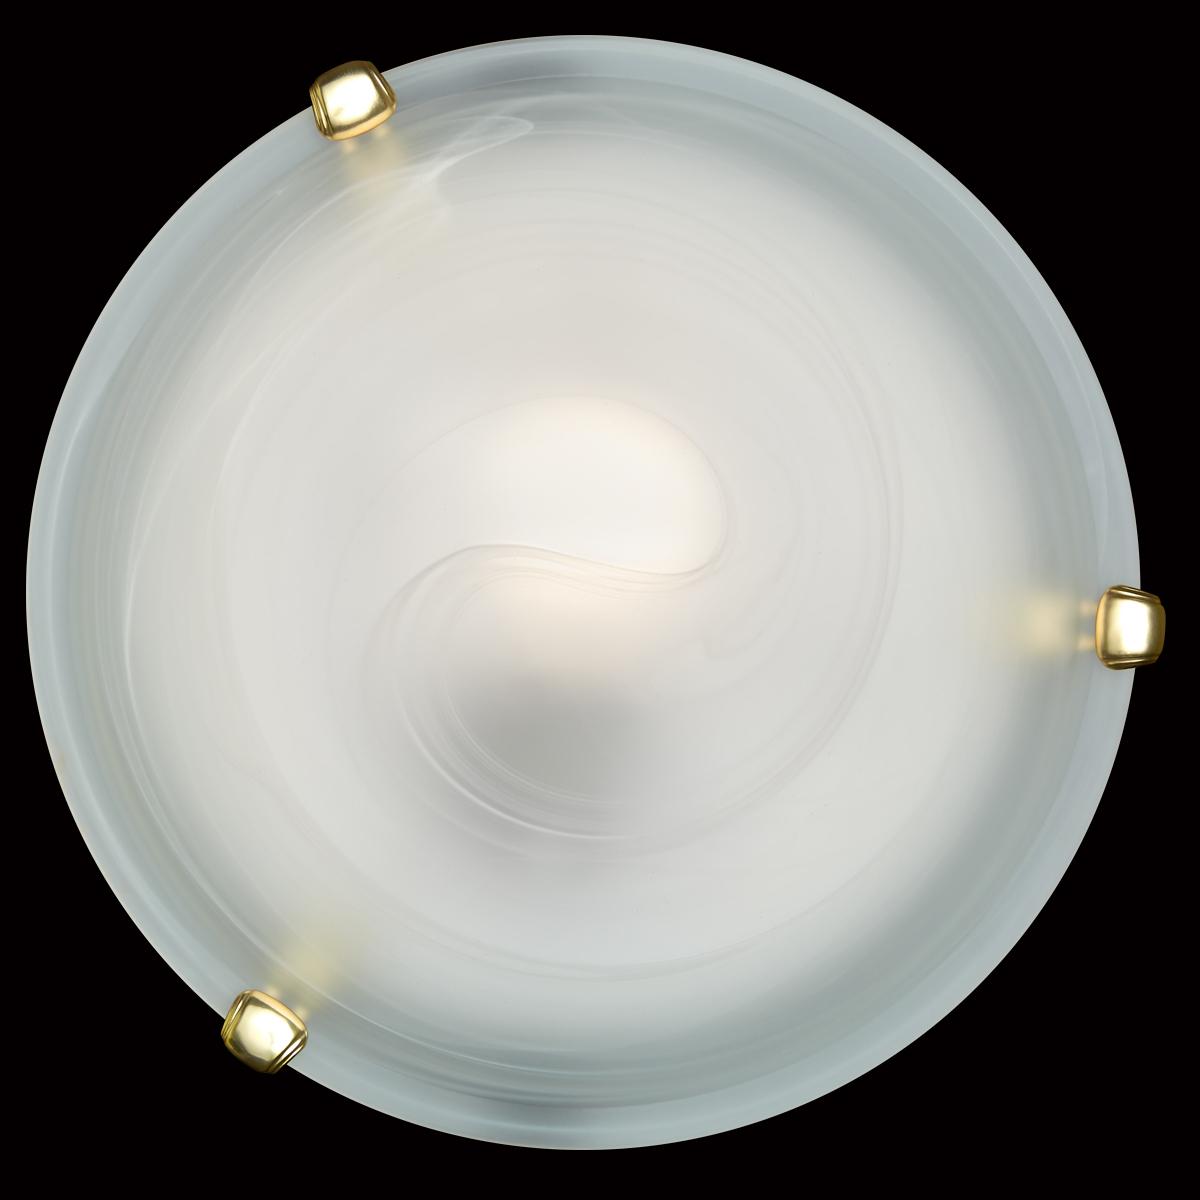 Потолочный светильник Sonex Duna 353 золото, 3xE27x100W, золото, белый, металл, стекло - фото 5